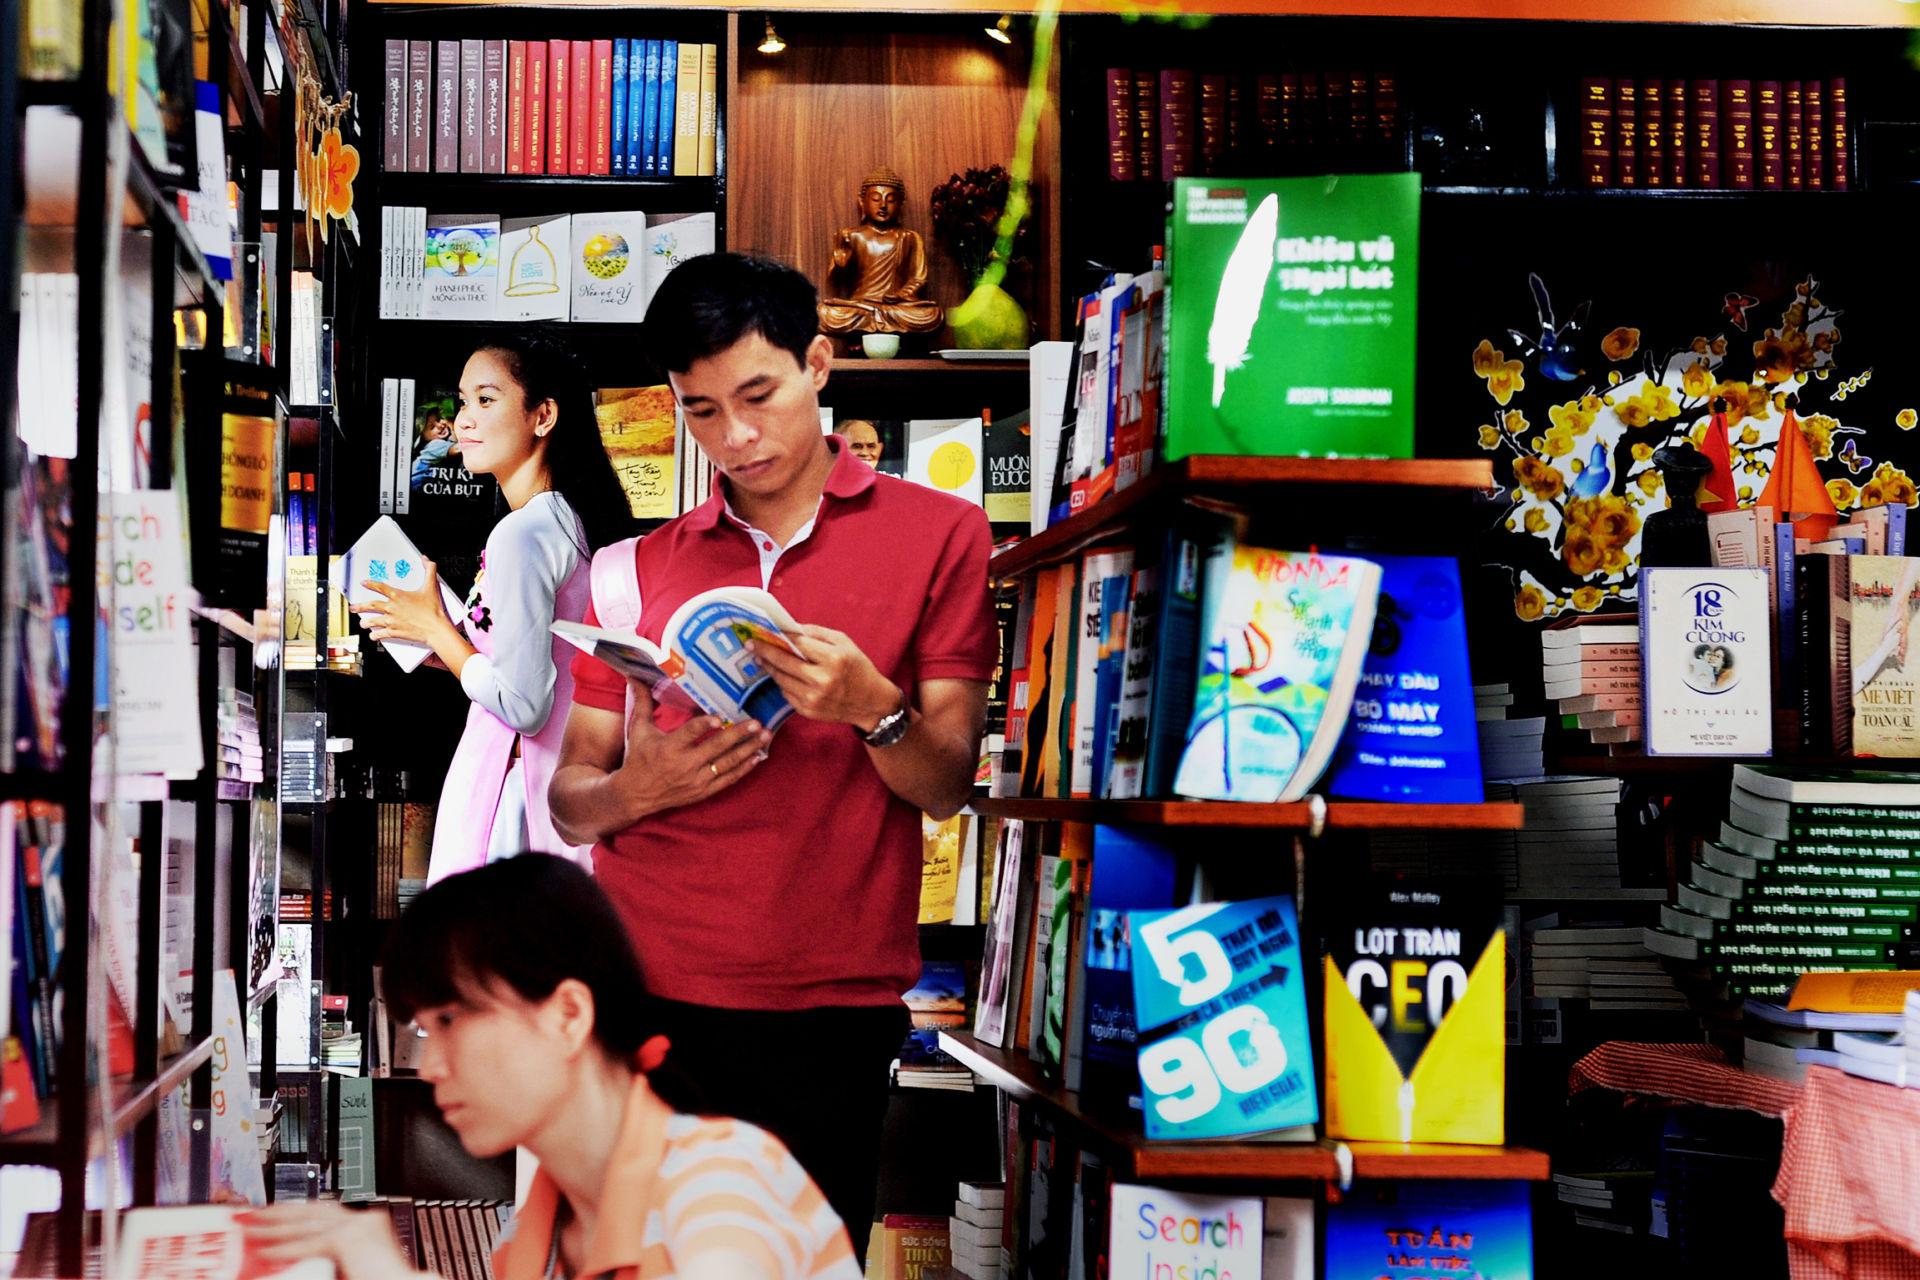 Chuyện Sài Gòn và sách 'trước Bảy Lăm' - 4